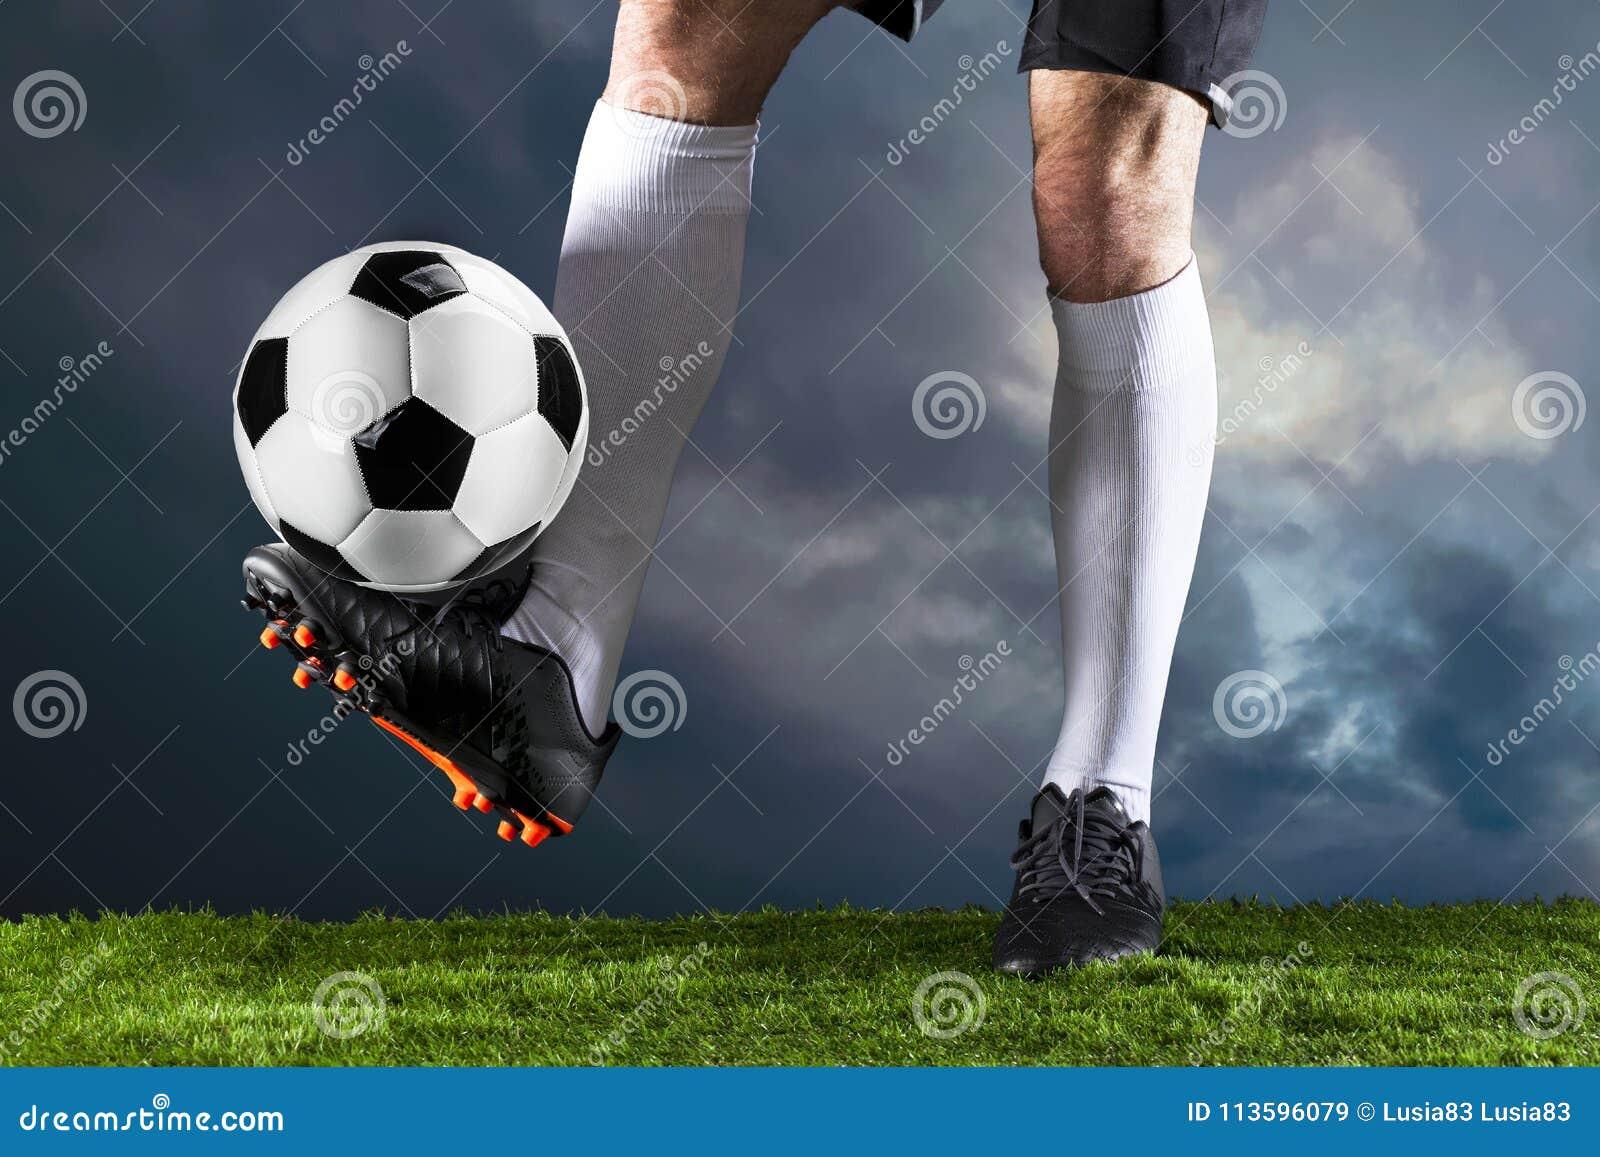 Voetbal Fotballgelijke Kampioenschapsconcept met voetbalbal